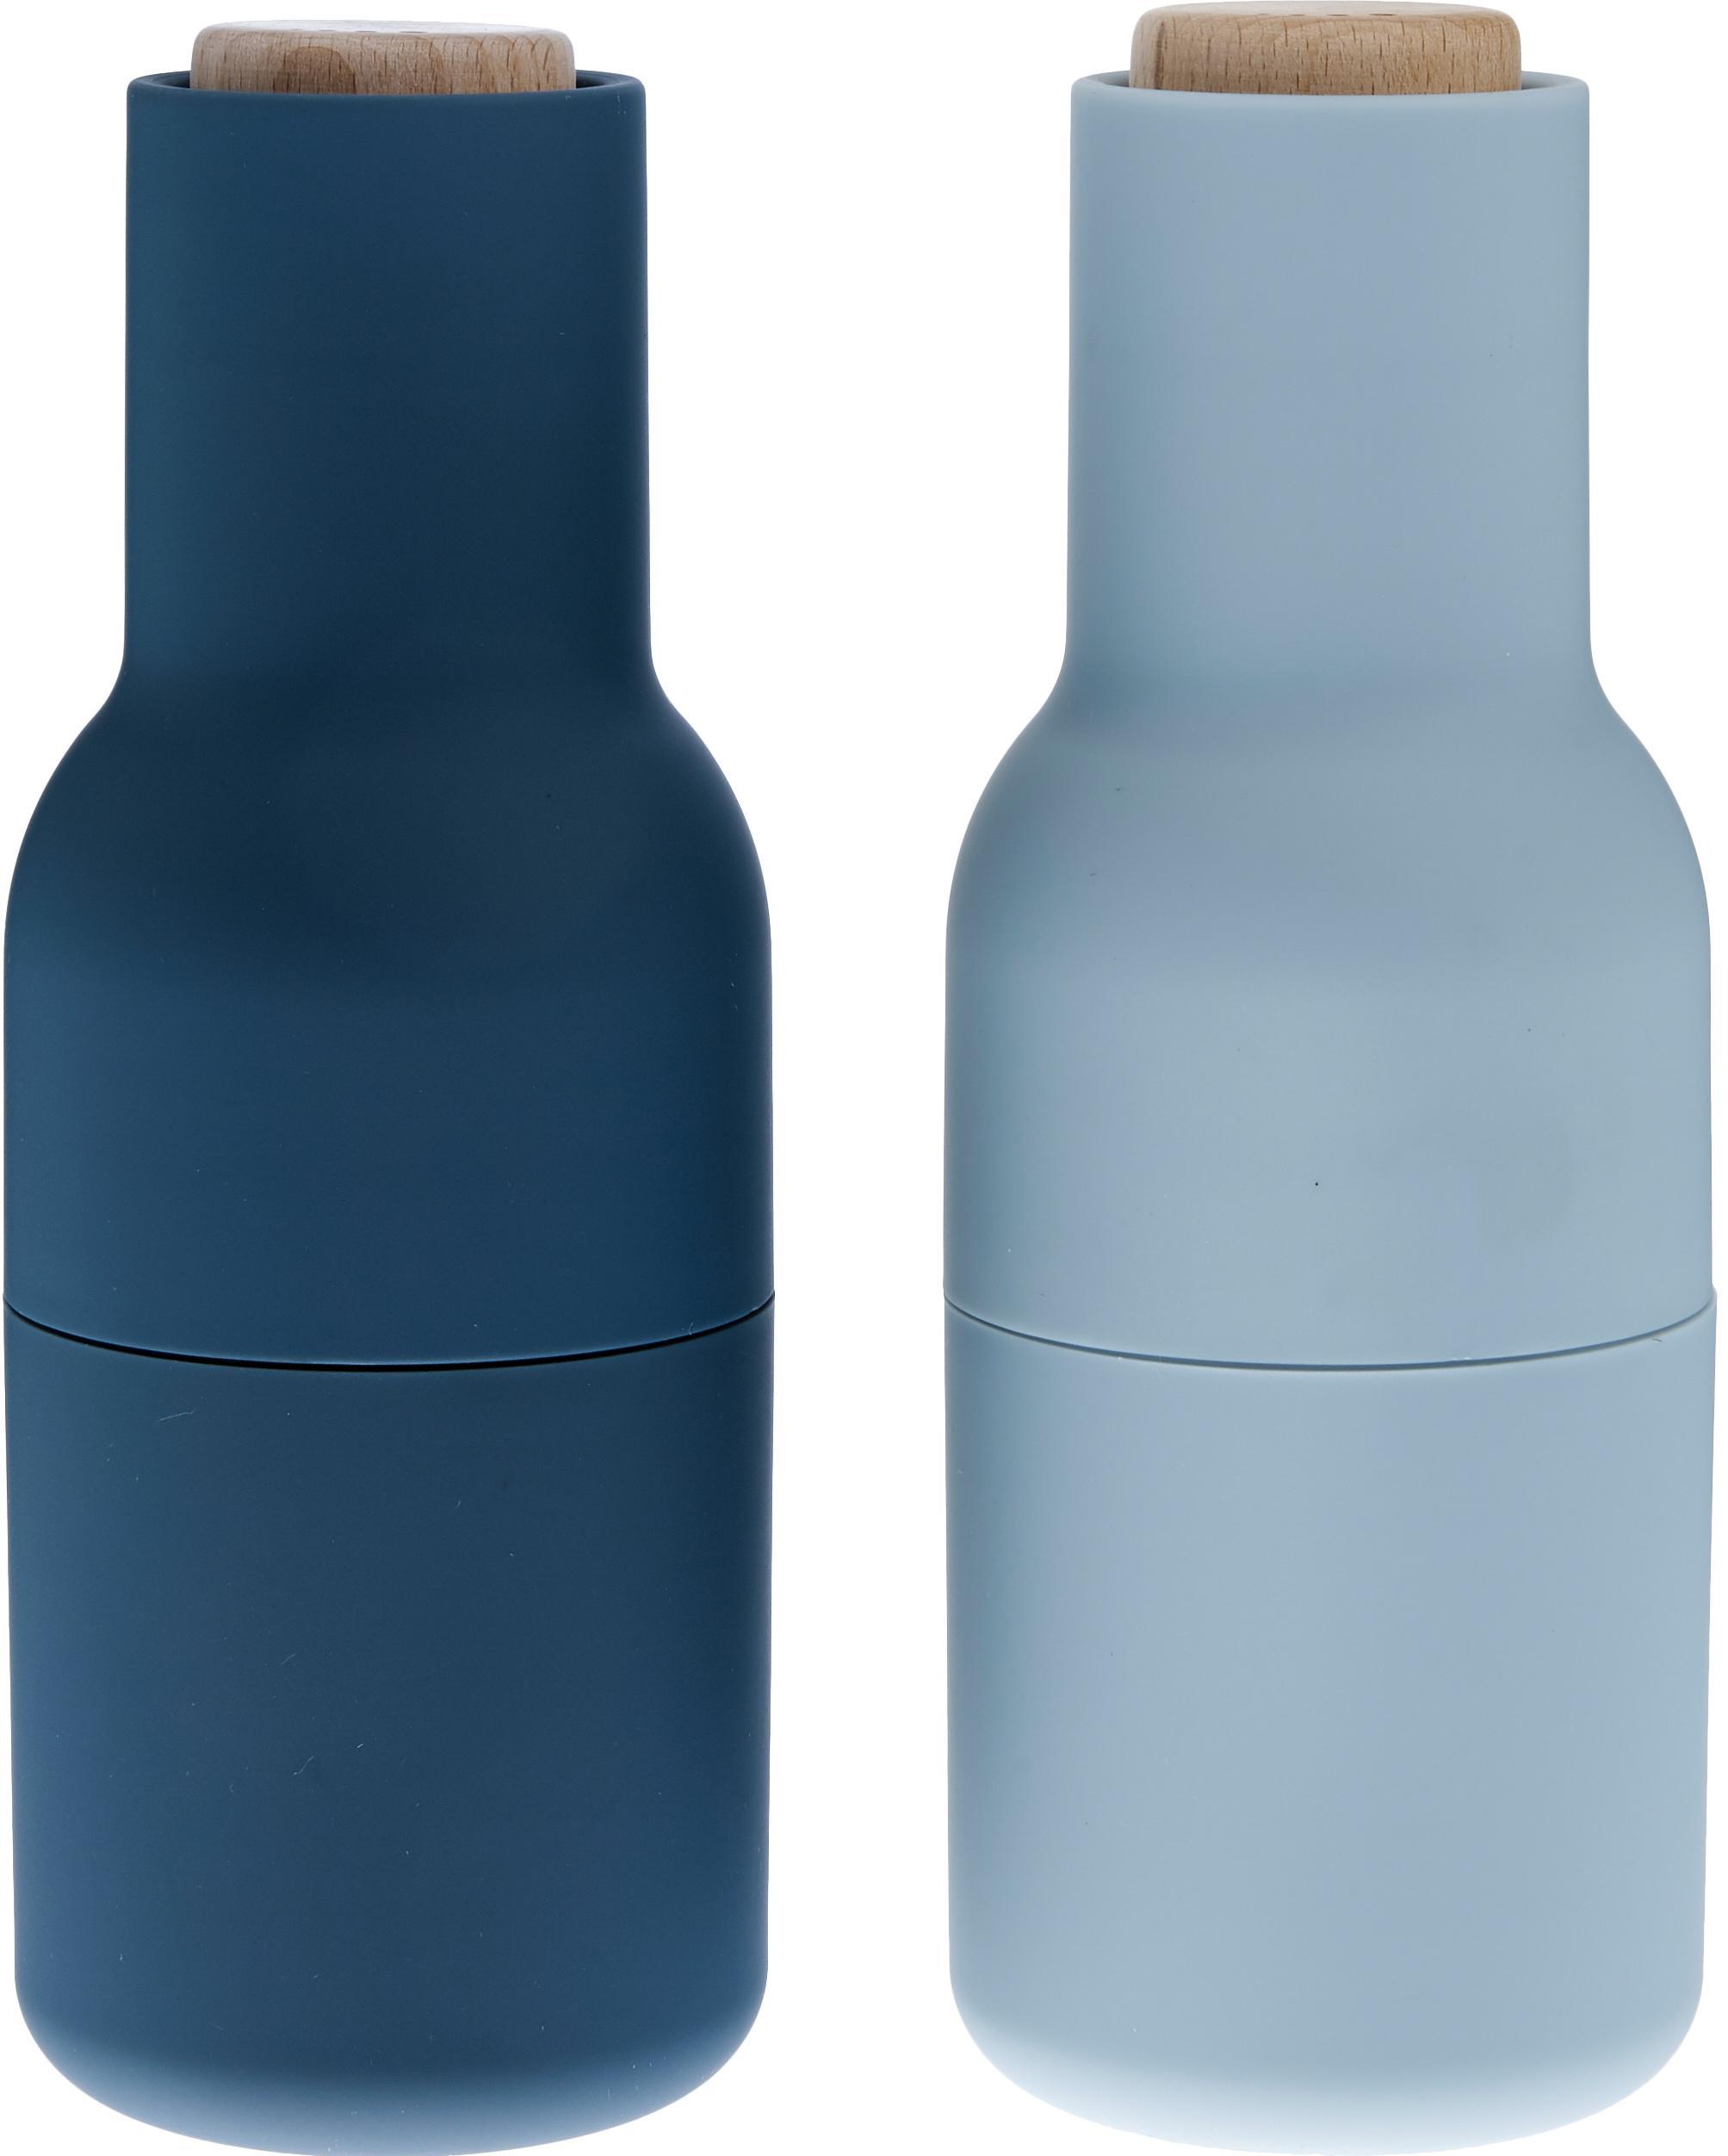 Molinillos Bottle Grinder, 2pzas., Estructura: plástico, Grinder: cerámica, Azul, azul claro, marrón, Ø 8 x Al 21 cm